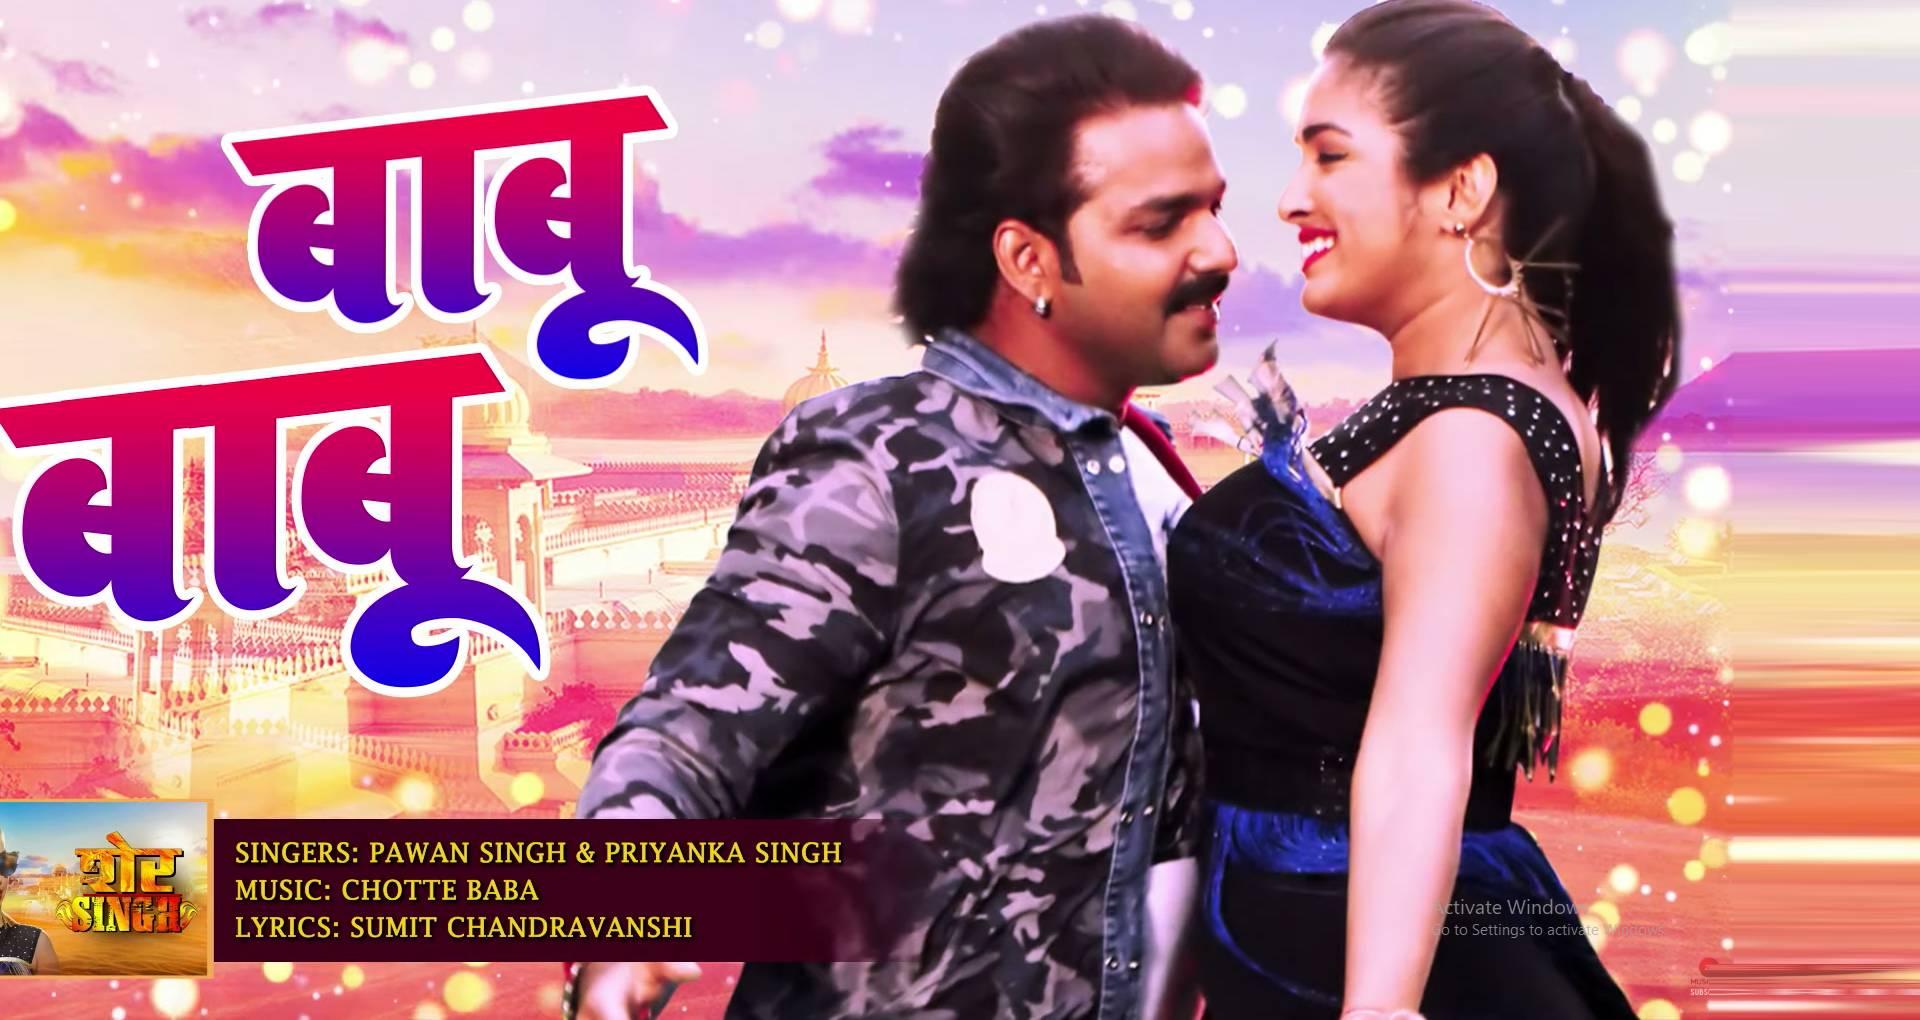 Babu Babu Song: फिल्म शेर सिंह का नया सॉन्ग बाबू-बाबू लॉन्च होते ही बना ट्रेंड, यूट्यूब पर मिले इतने लाख व्यूज